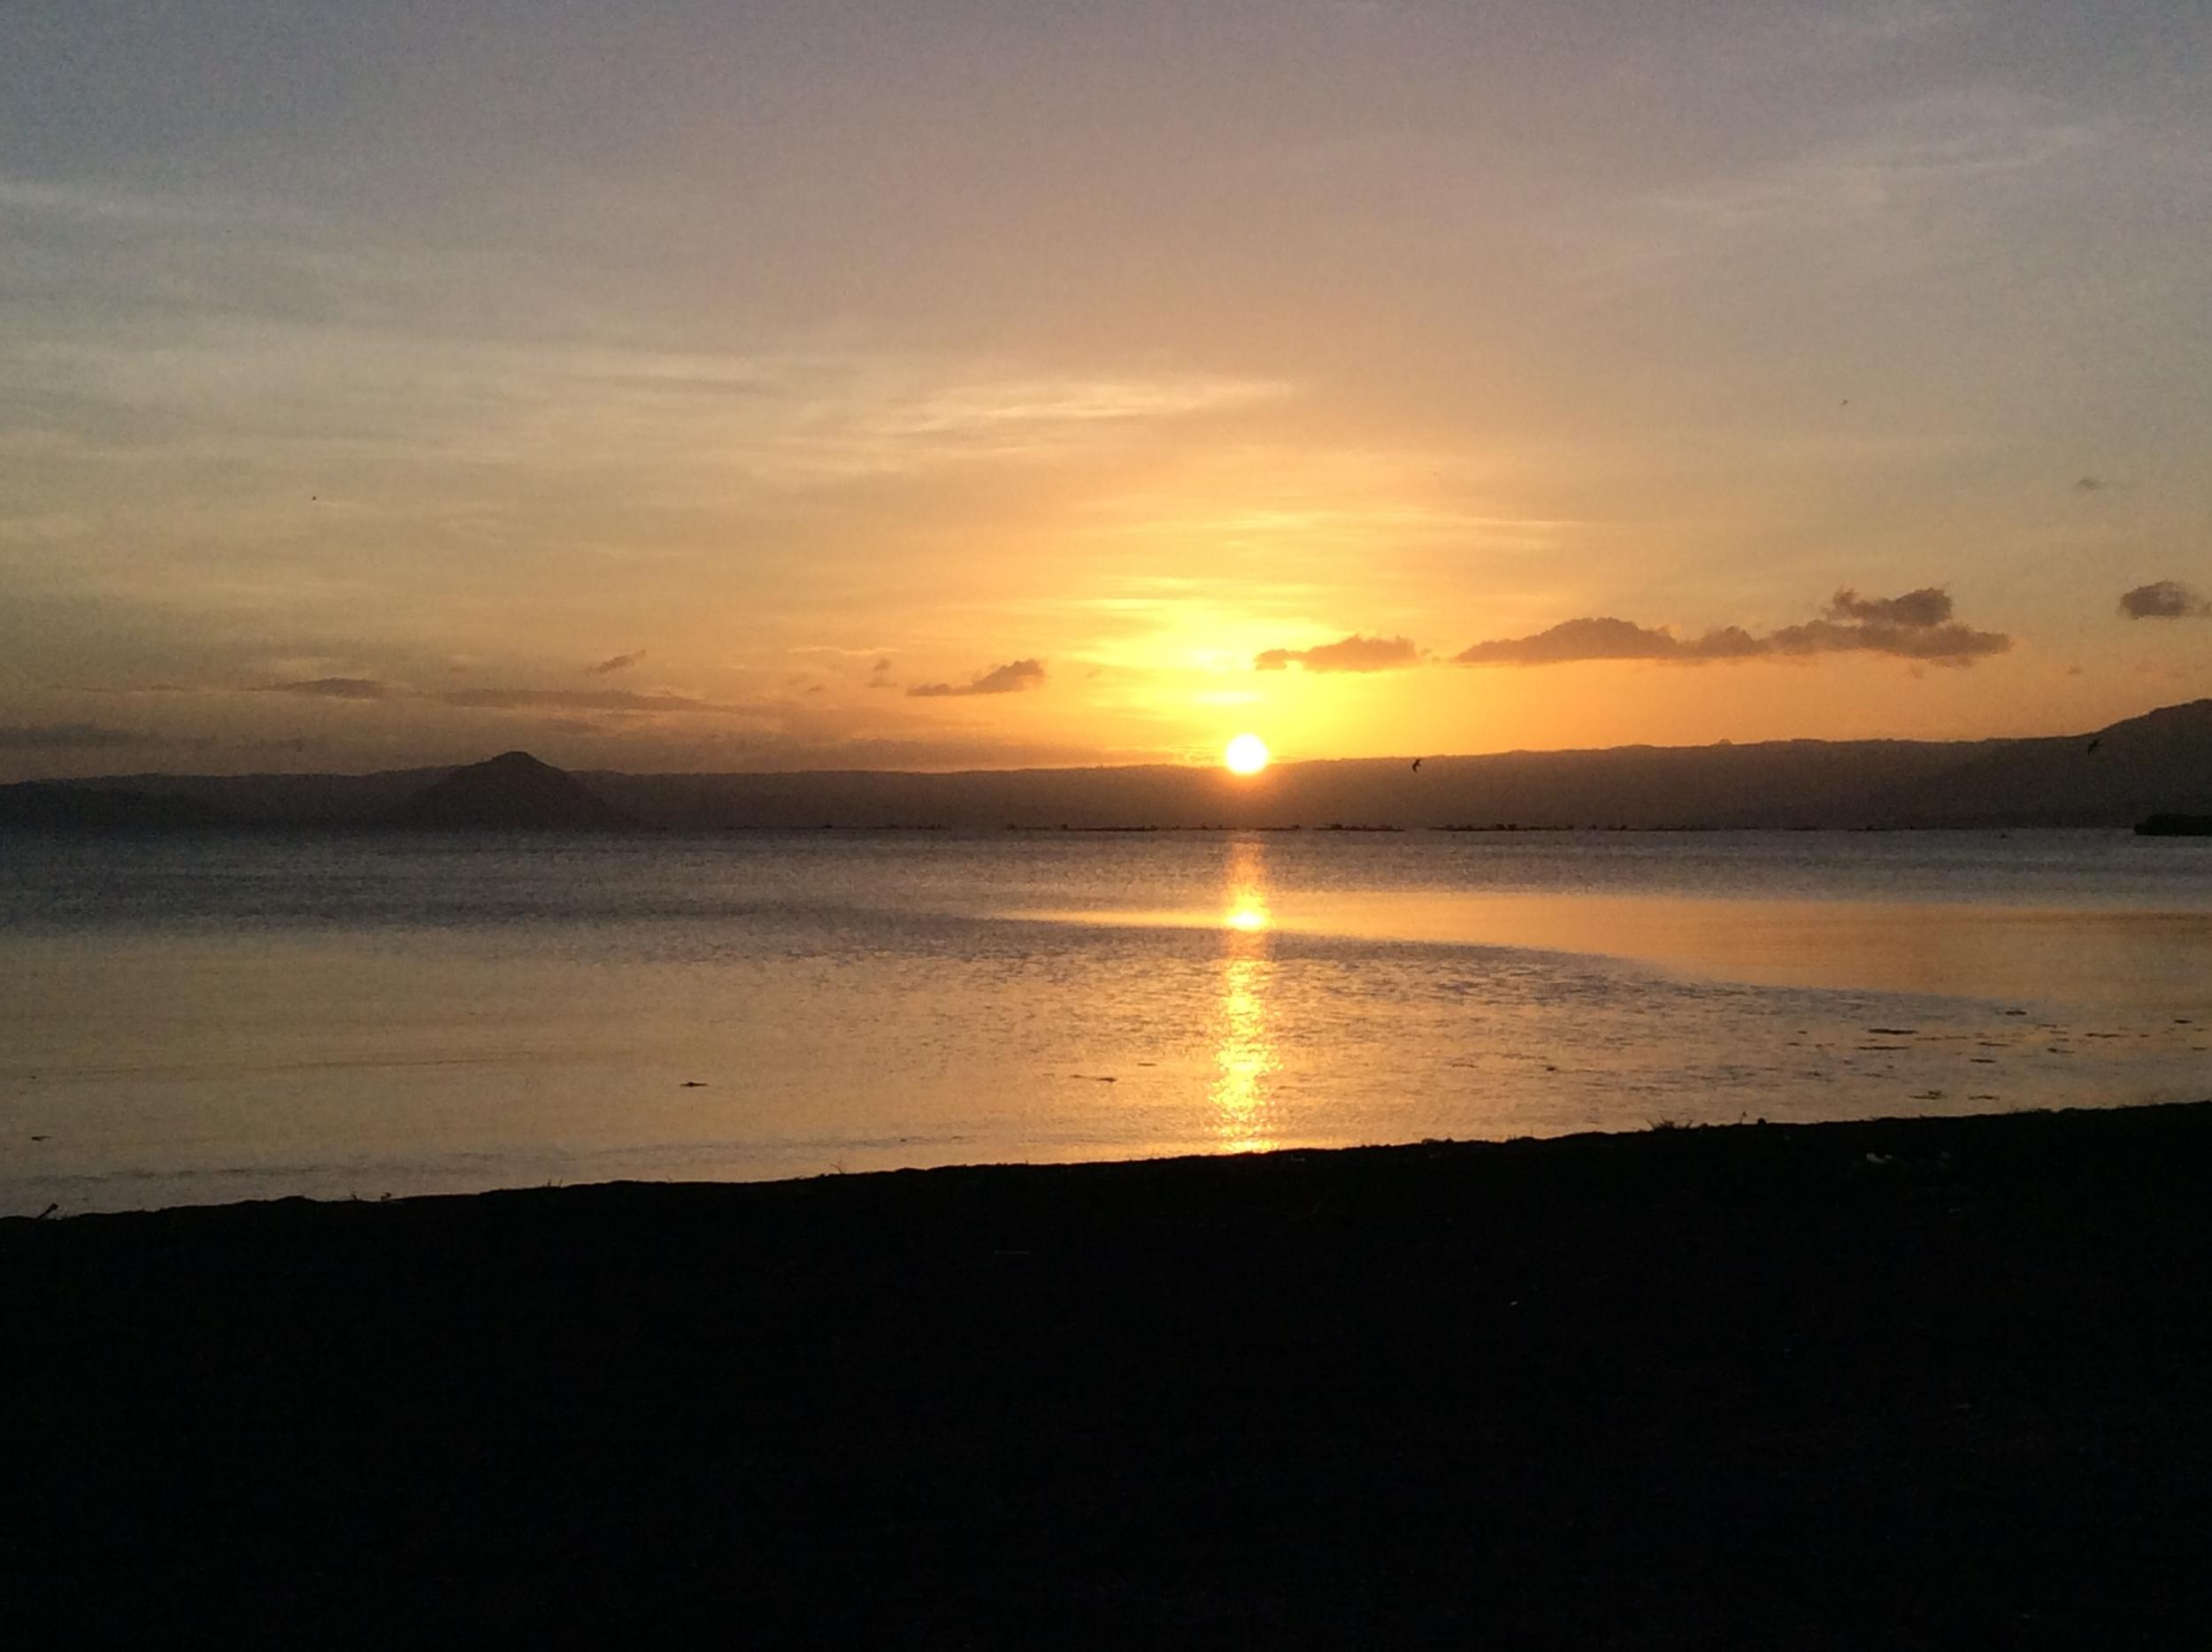 Sunset from Awilihan beach